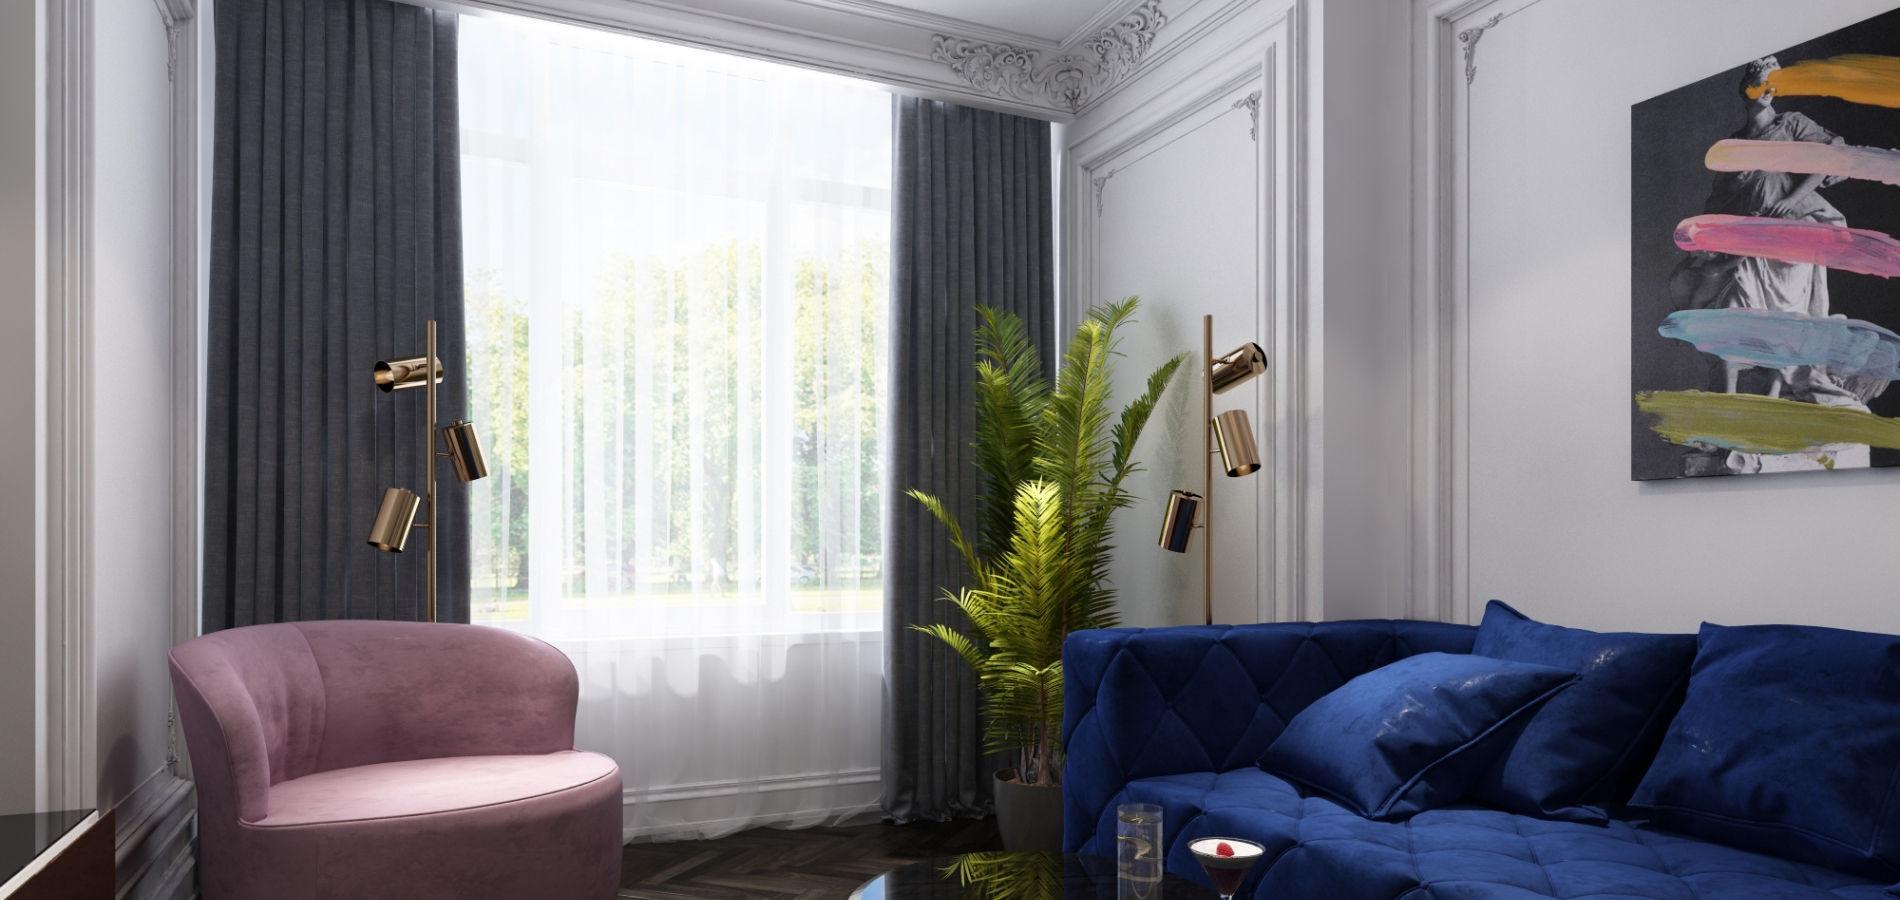 Вітальня в квартирі з синім диваном GMD_215